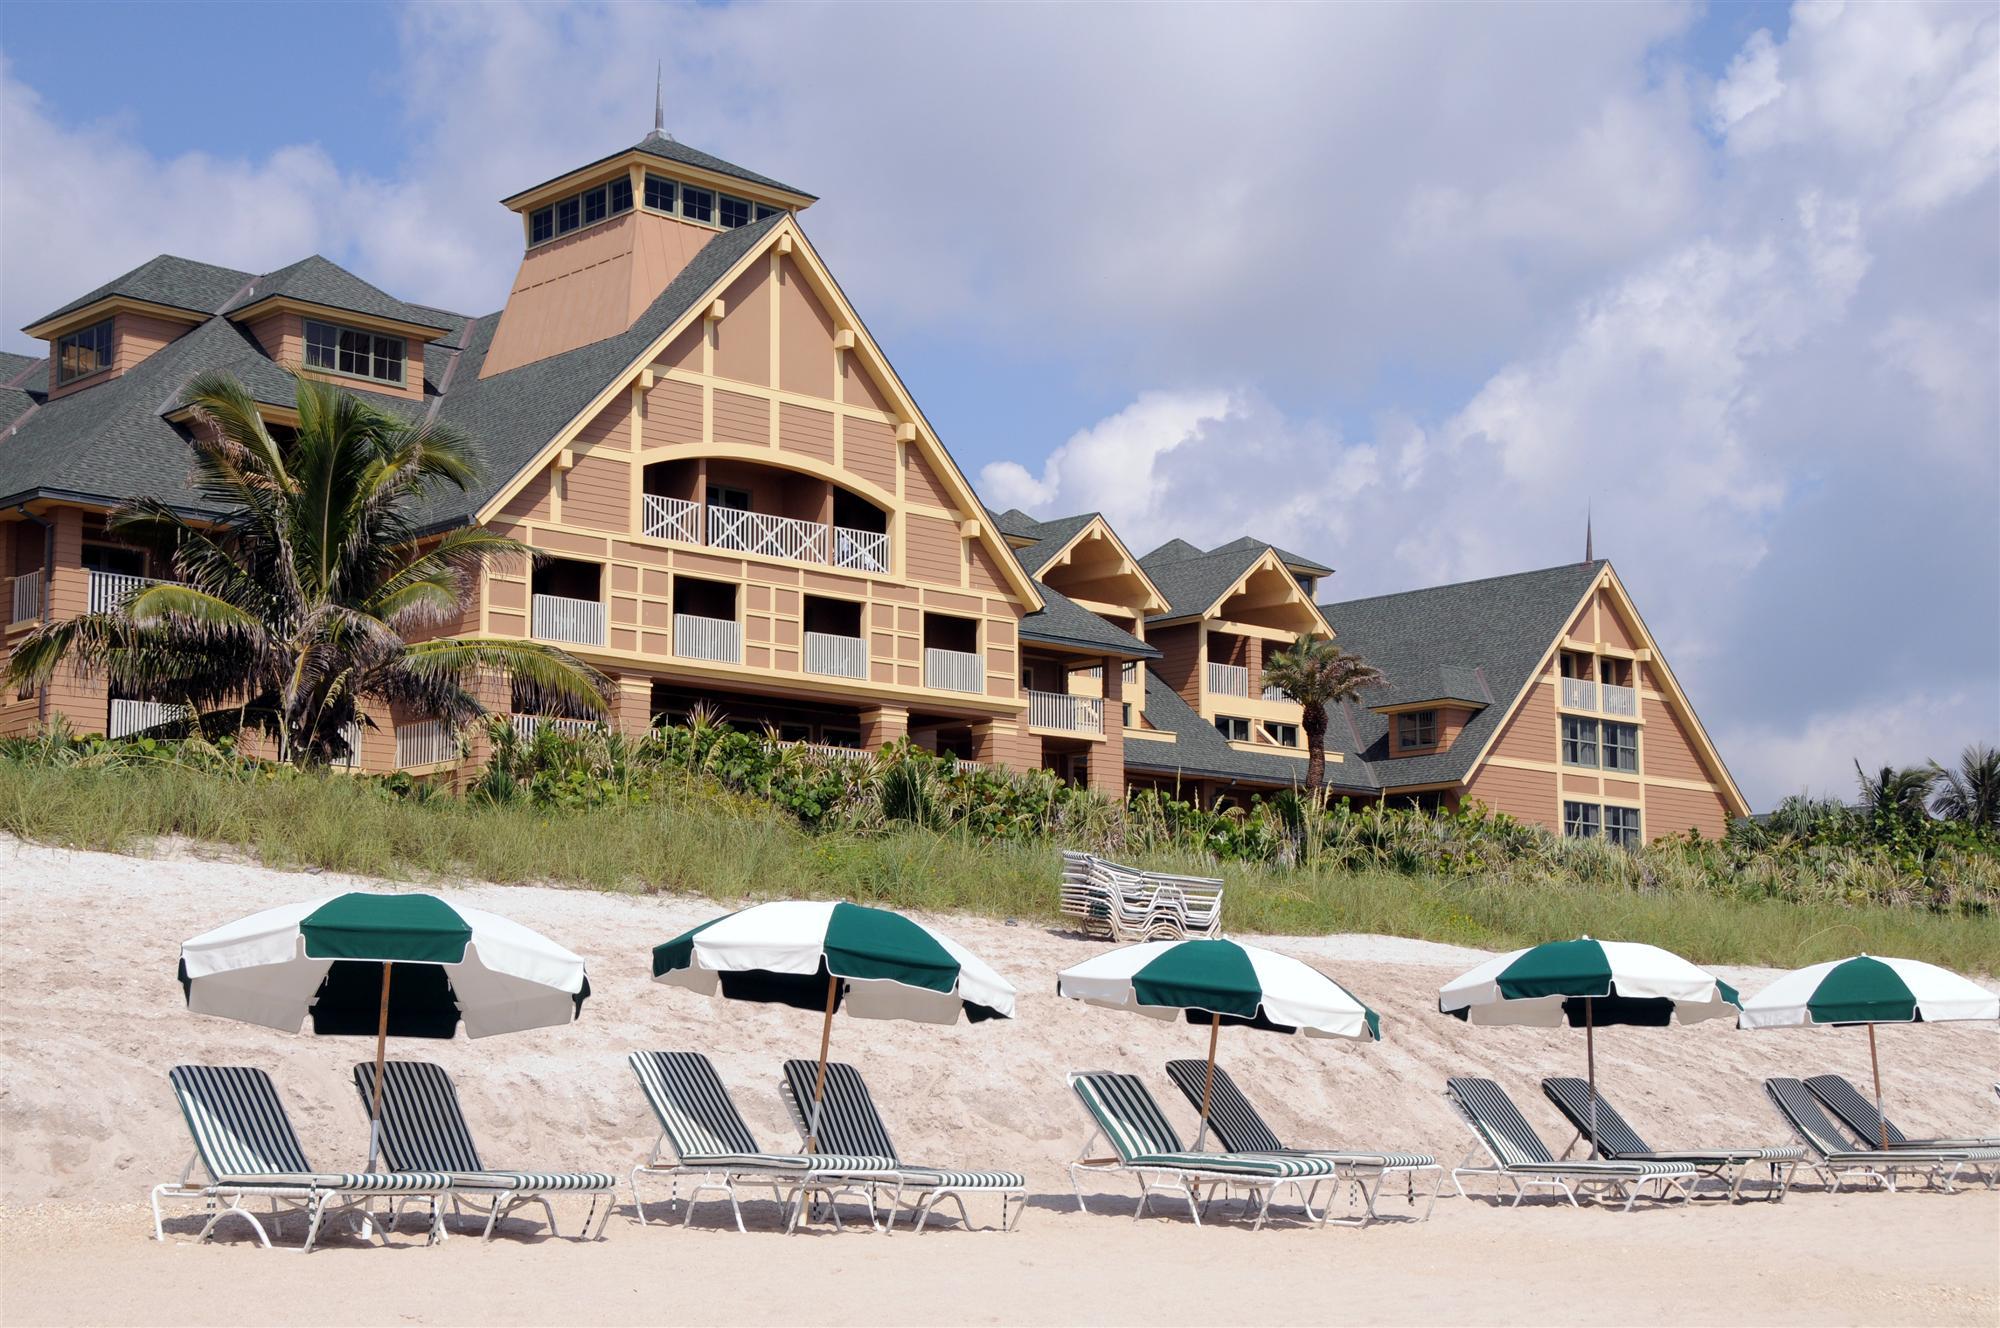 Disneys Vero Beach Resort photo